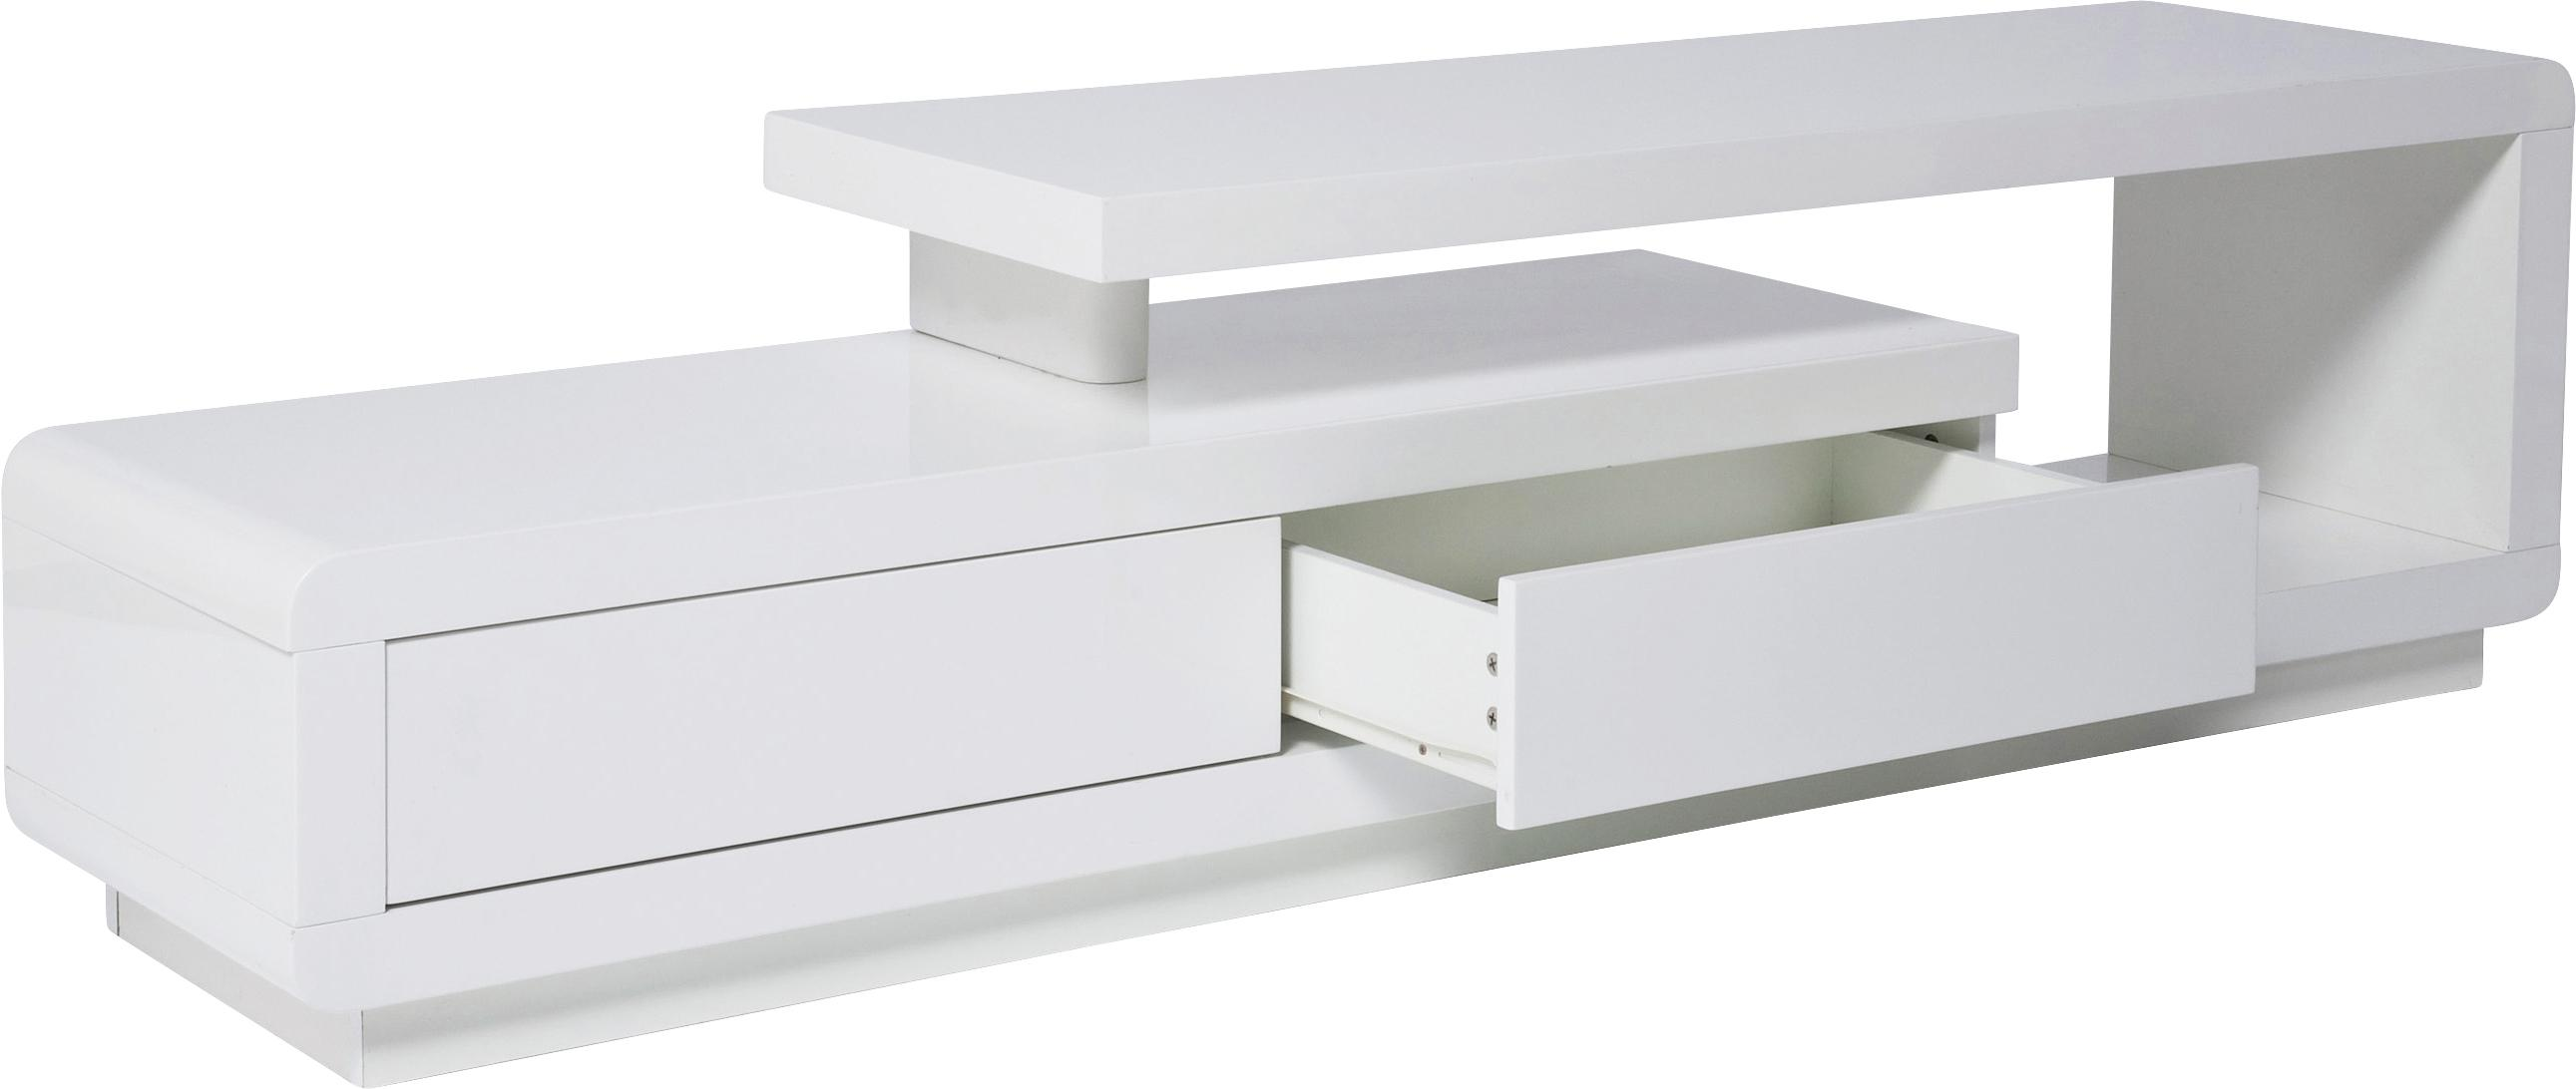 Mobile TV bianco Loft, Pannello di fibra a media densità (MDF), verniciato, Bianco, Larg. 170 x Prof. 45 cm